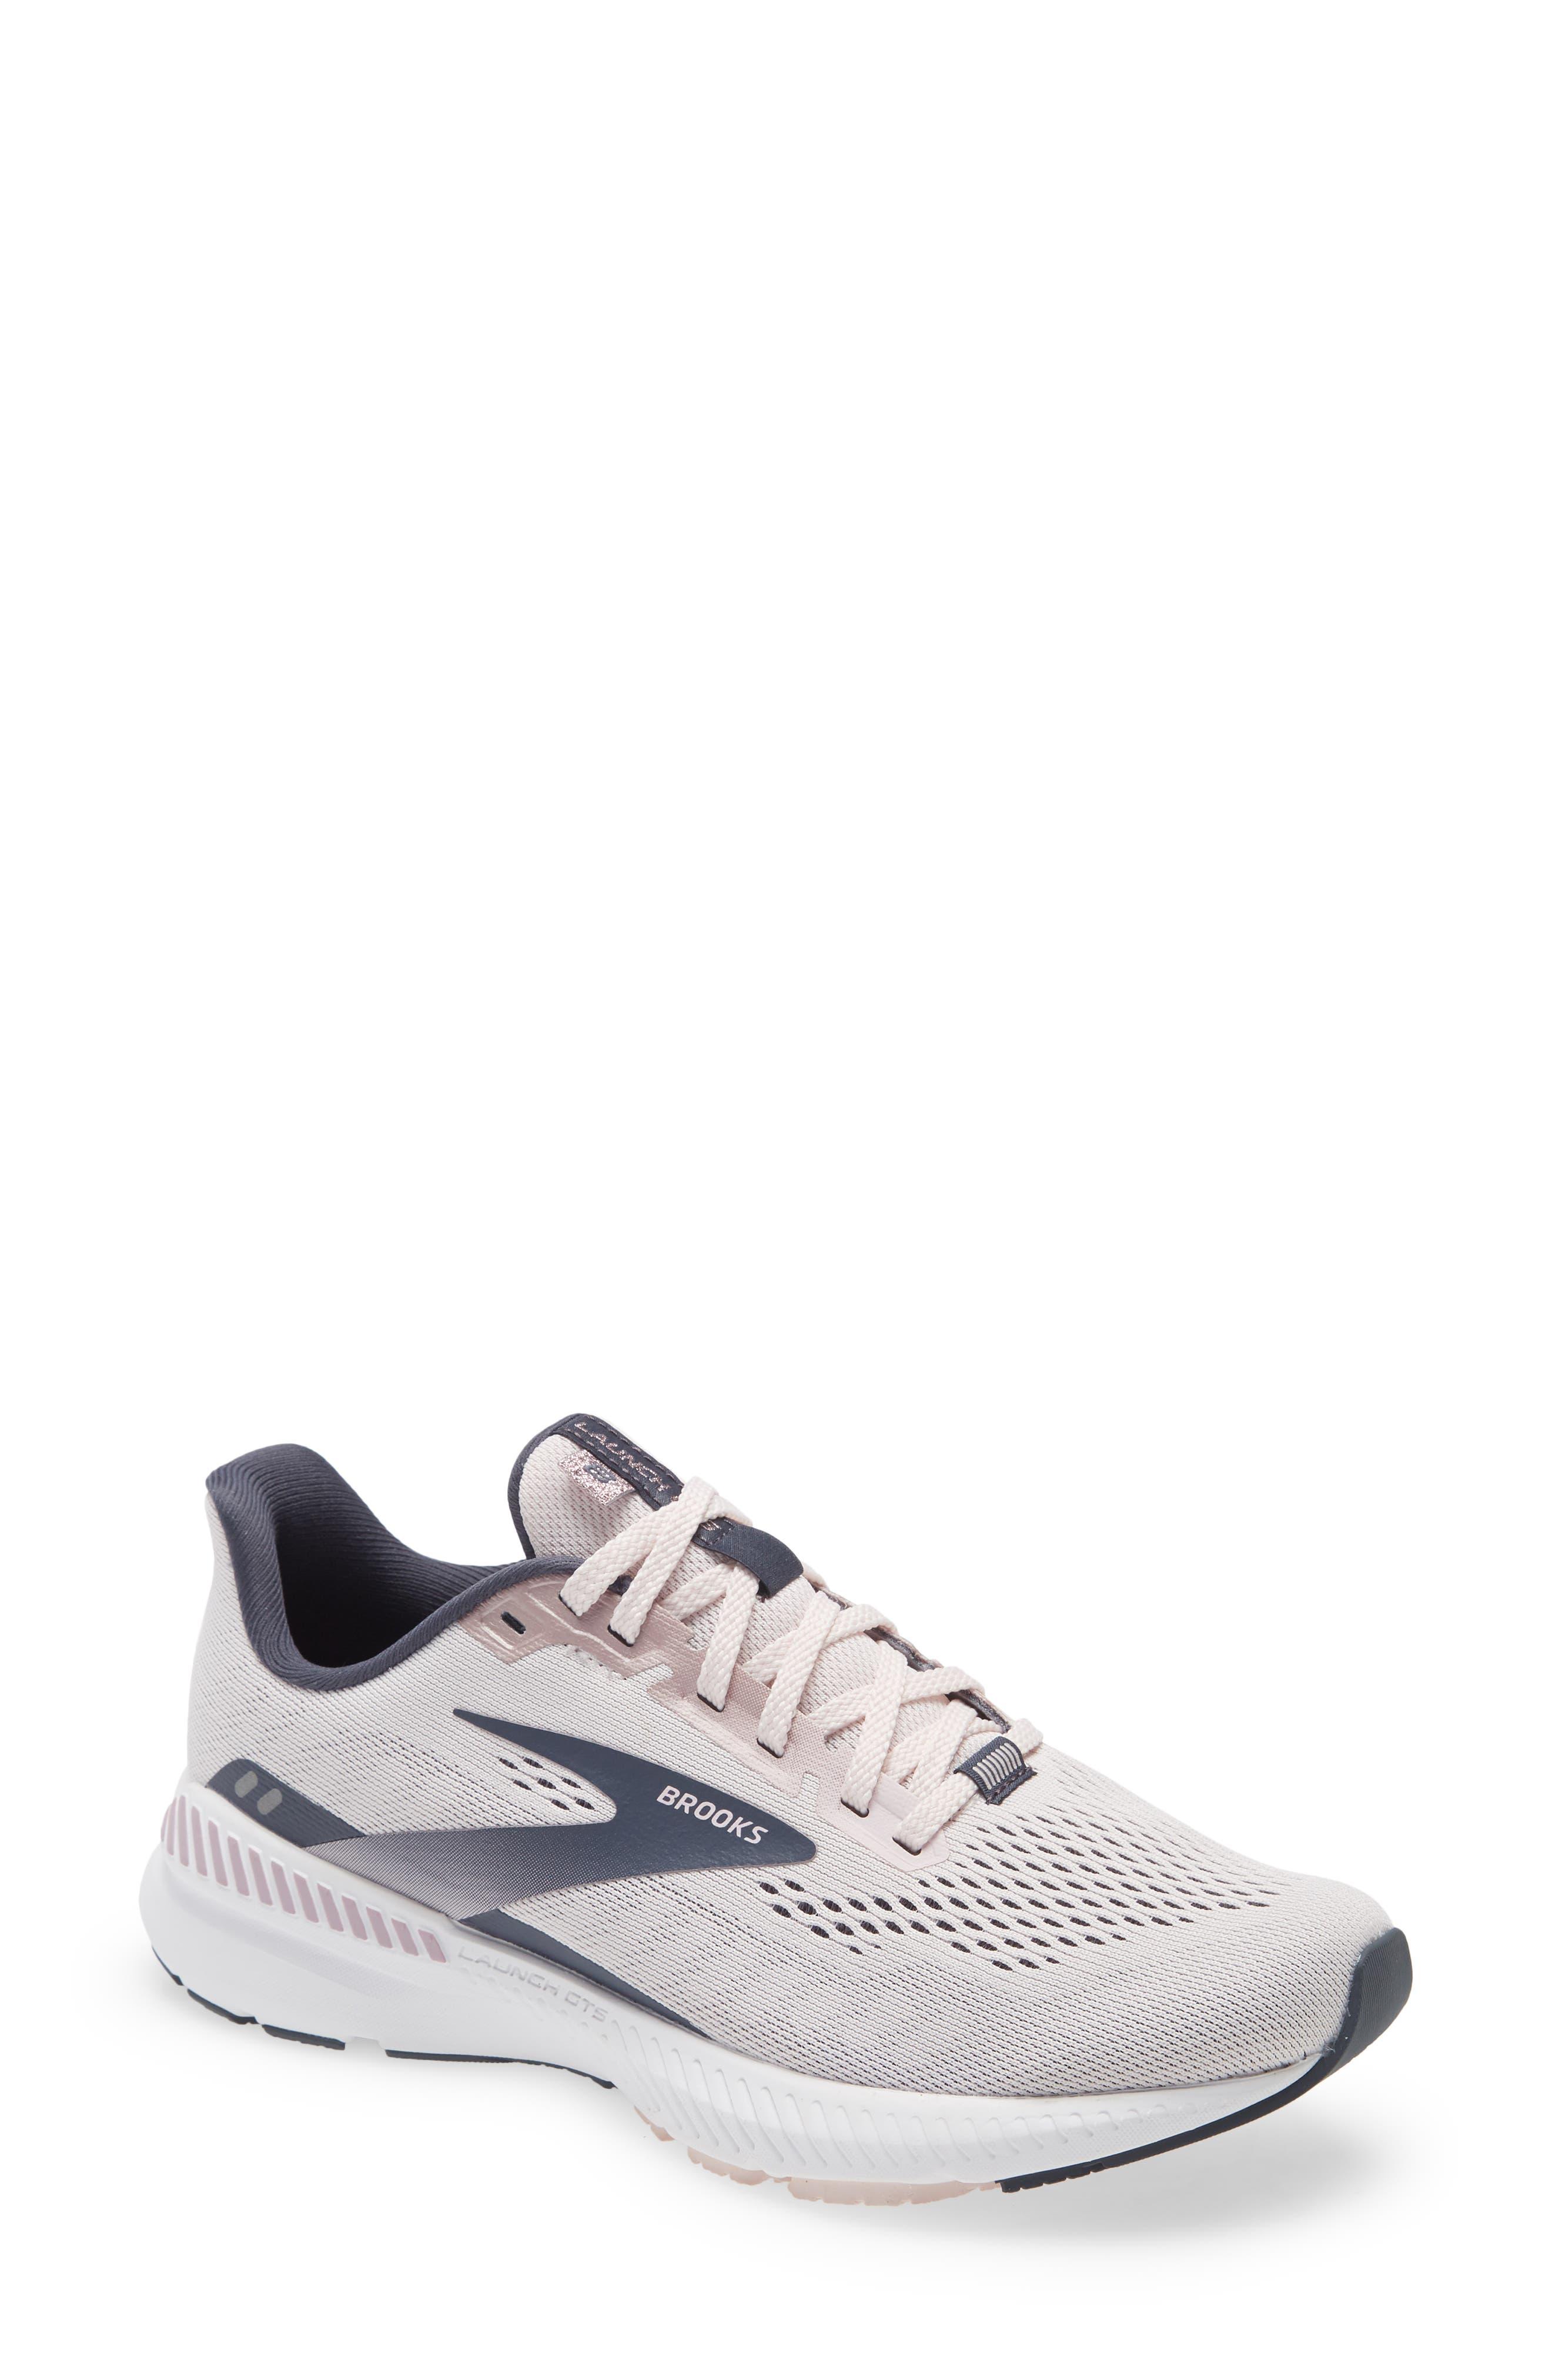 Launch Gts 8 Running Shoe